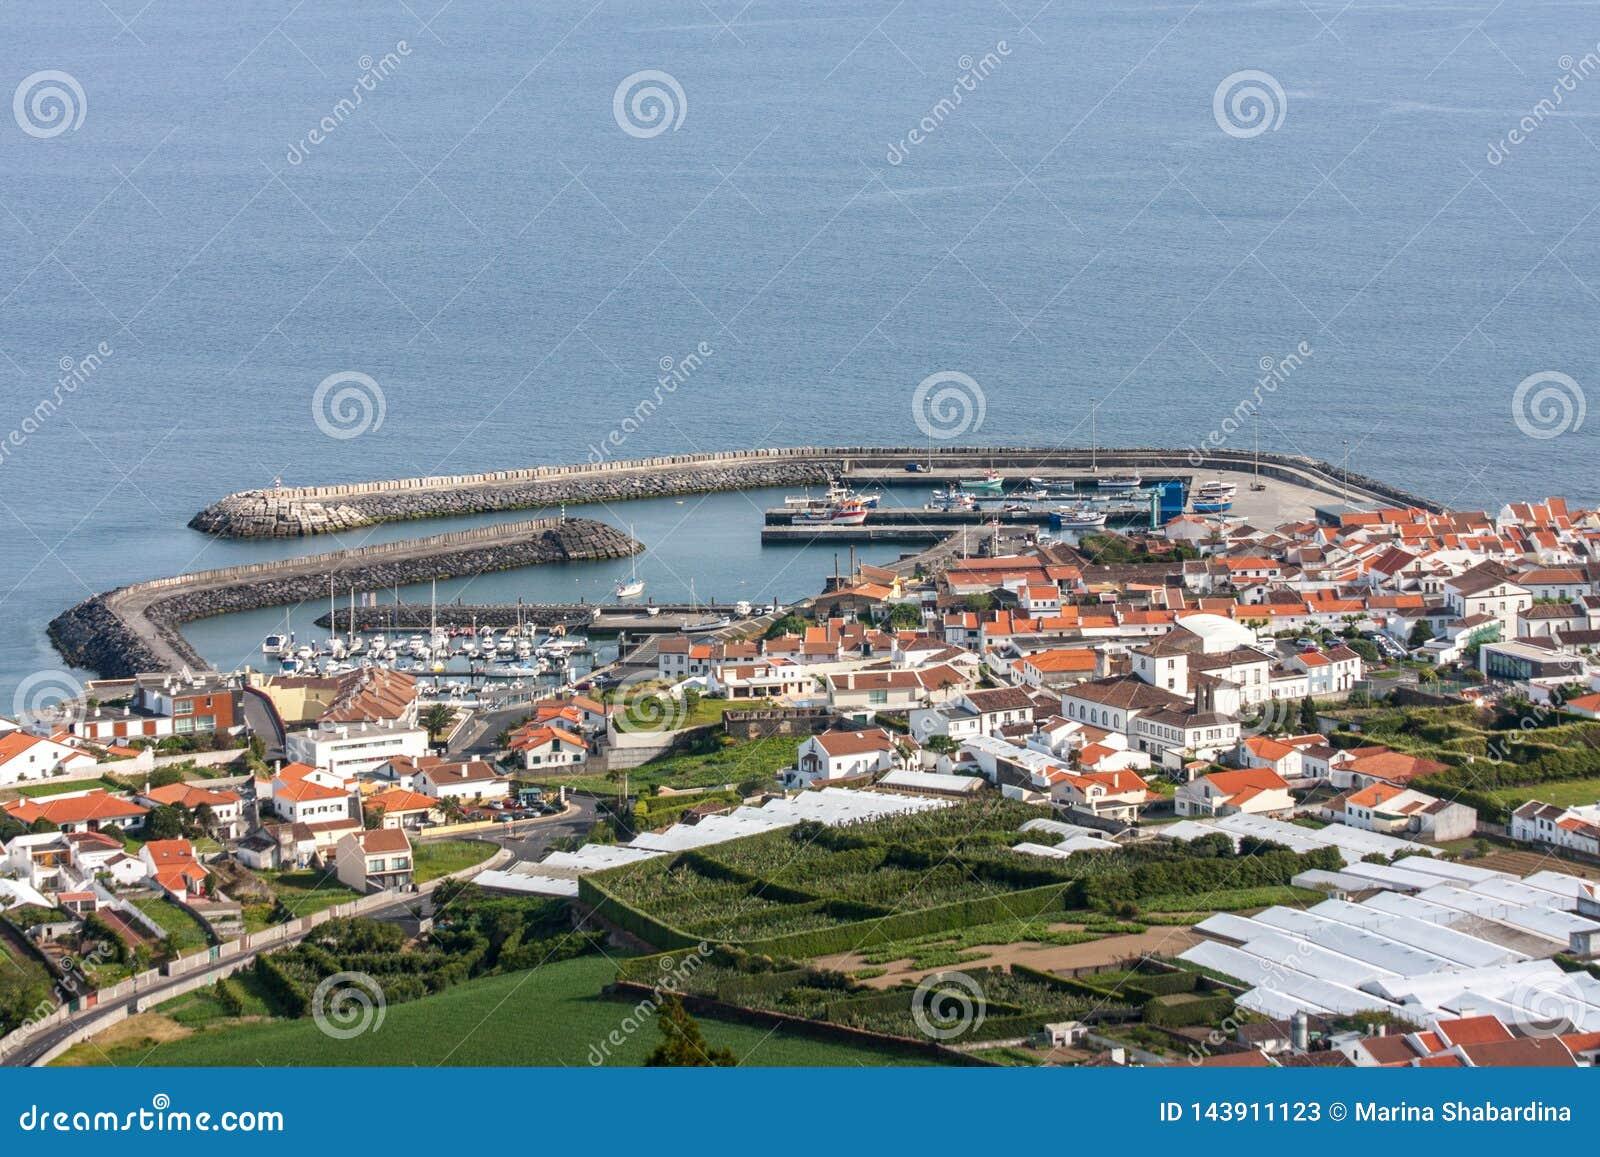 Weergeven van de havenstad met verscheidene ligplaatsen vanaf de bovenkant - Portugal